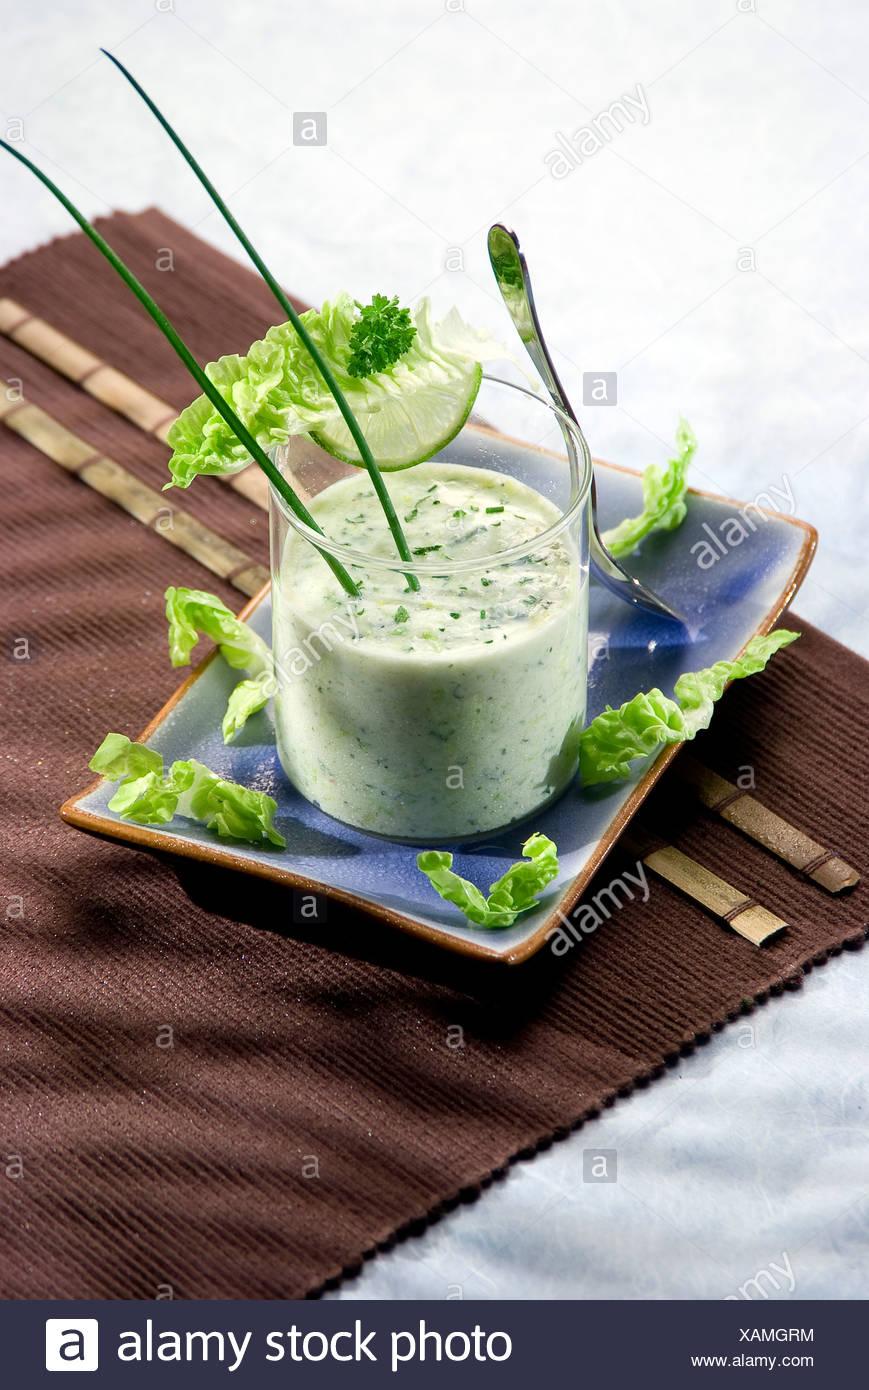 Fresh yogurt and chive dip - Stock Image